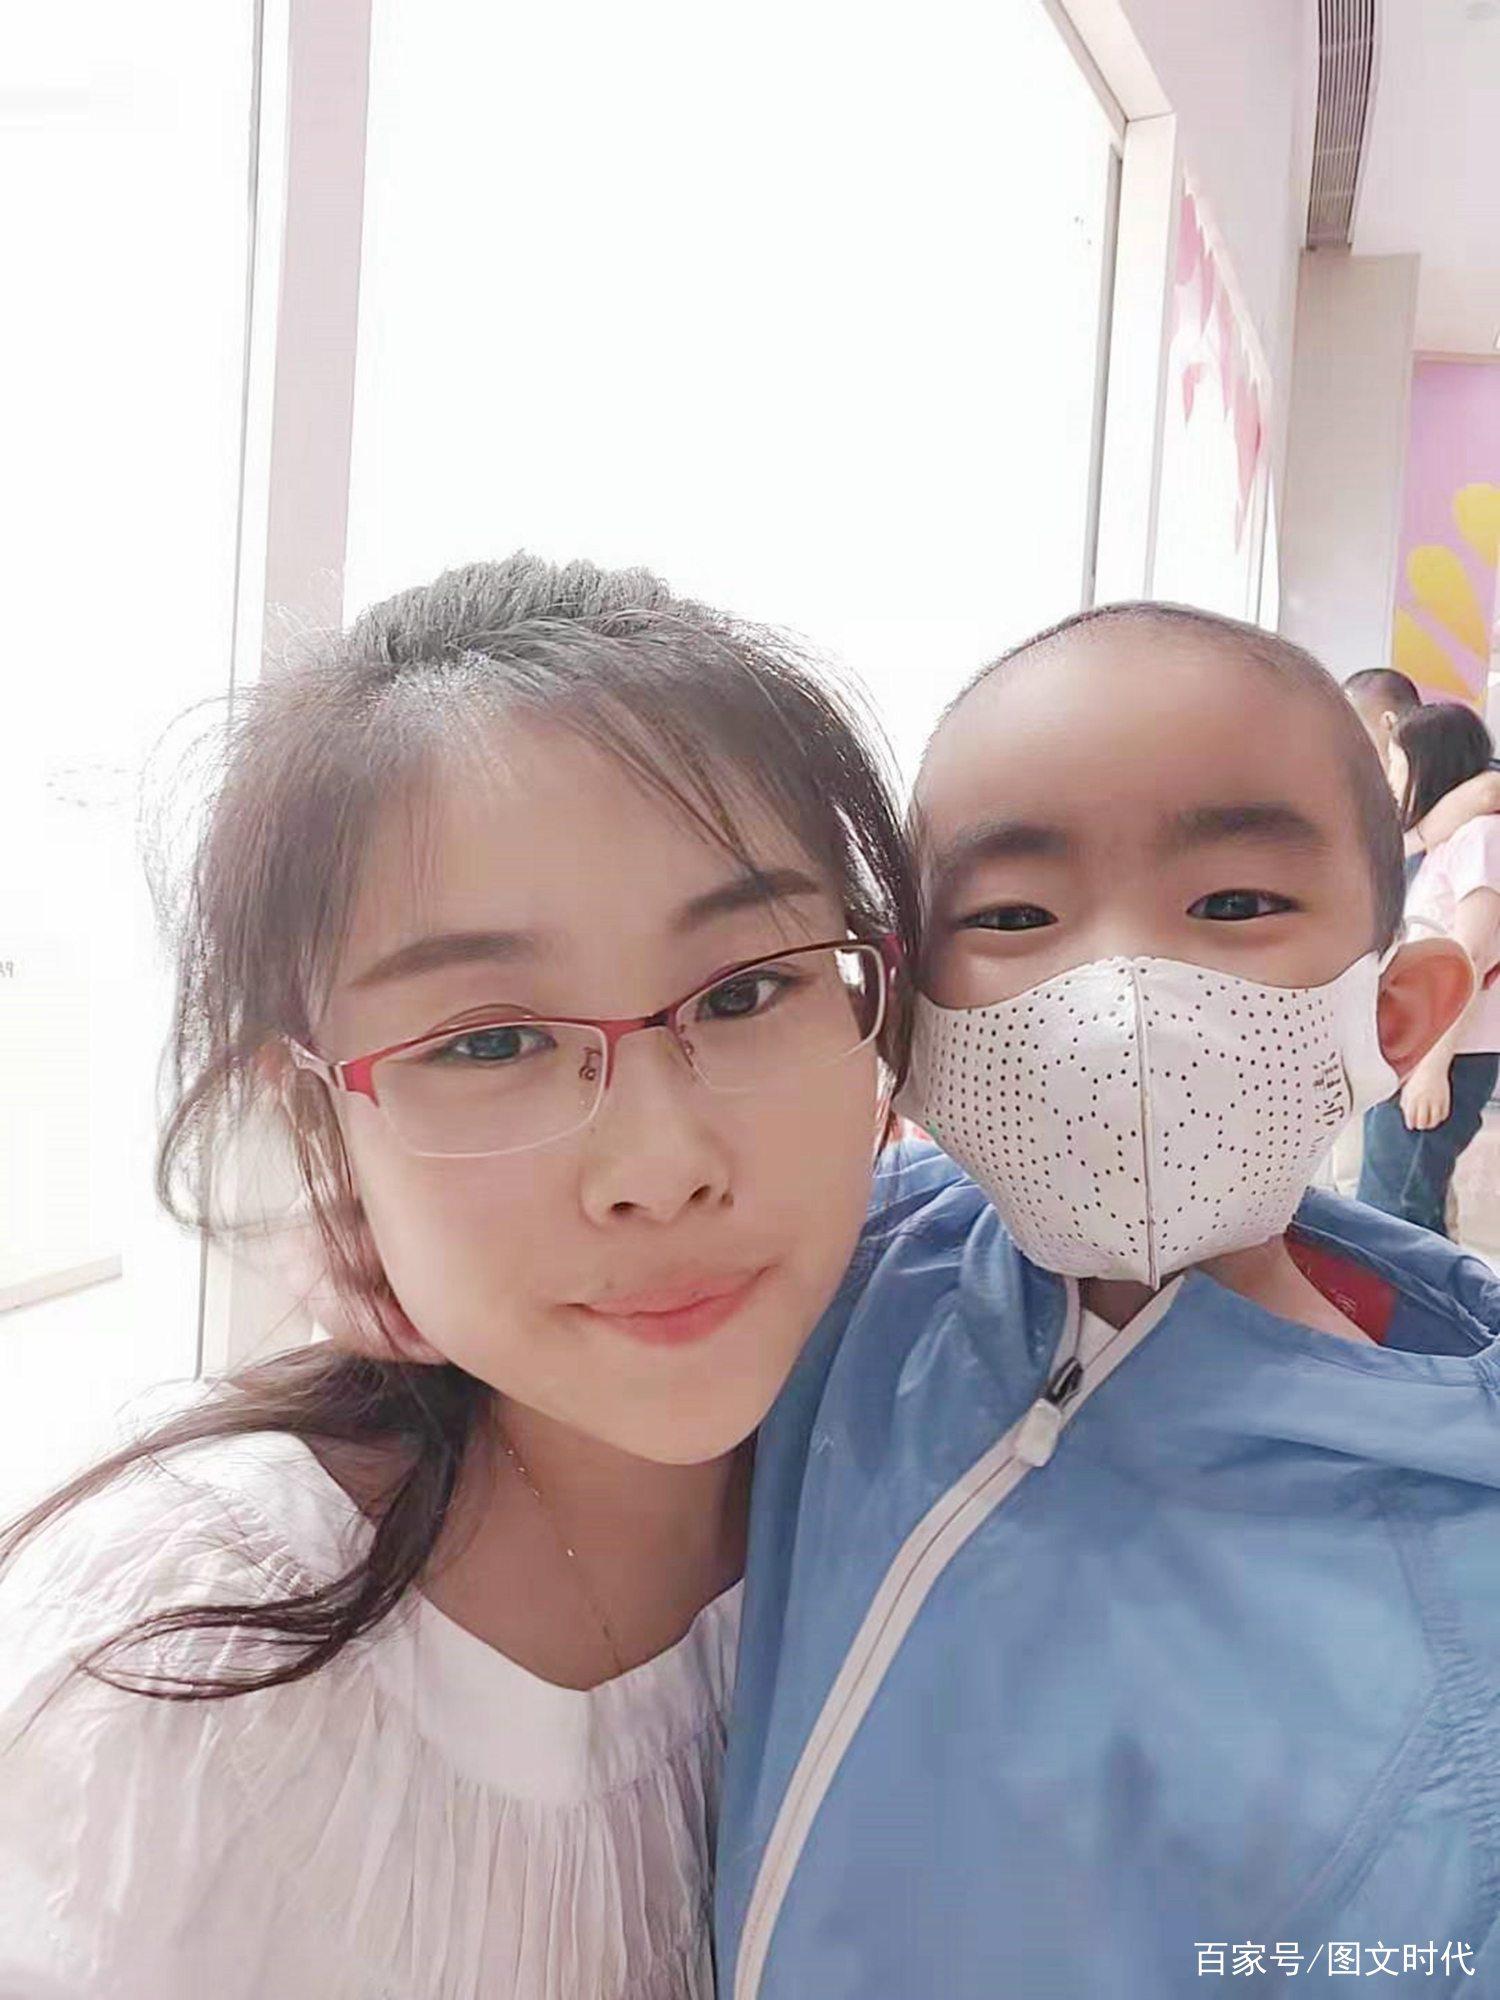 5岁重症男童病房结识好友,妈妈偷偷落泪:多希望他们一起长大